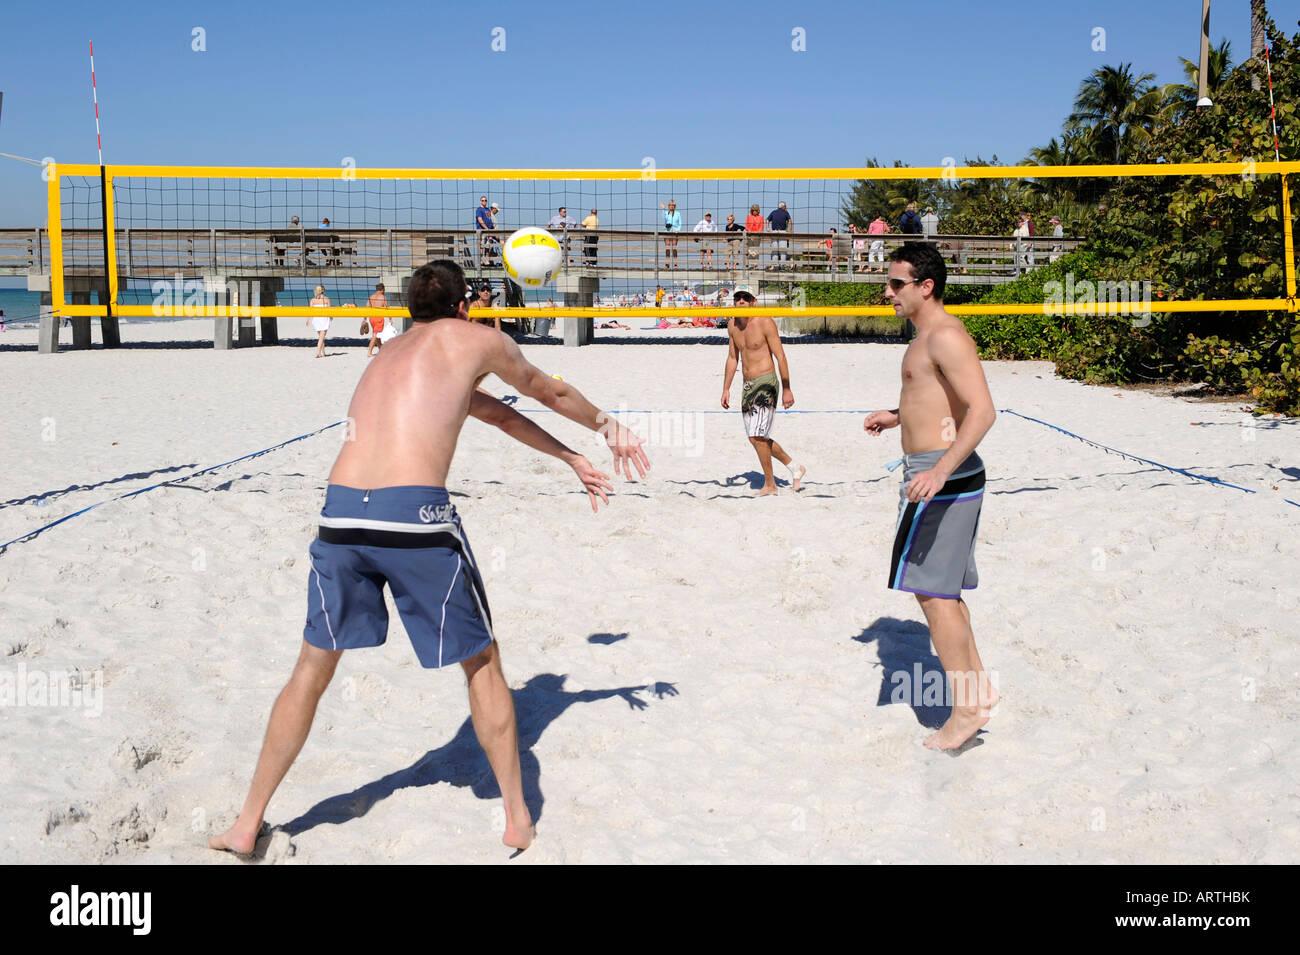 Strand 2 auf 2 Volleyball gespielt an der Pier Strand Naples Florida Stockbild